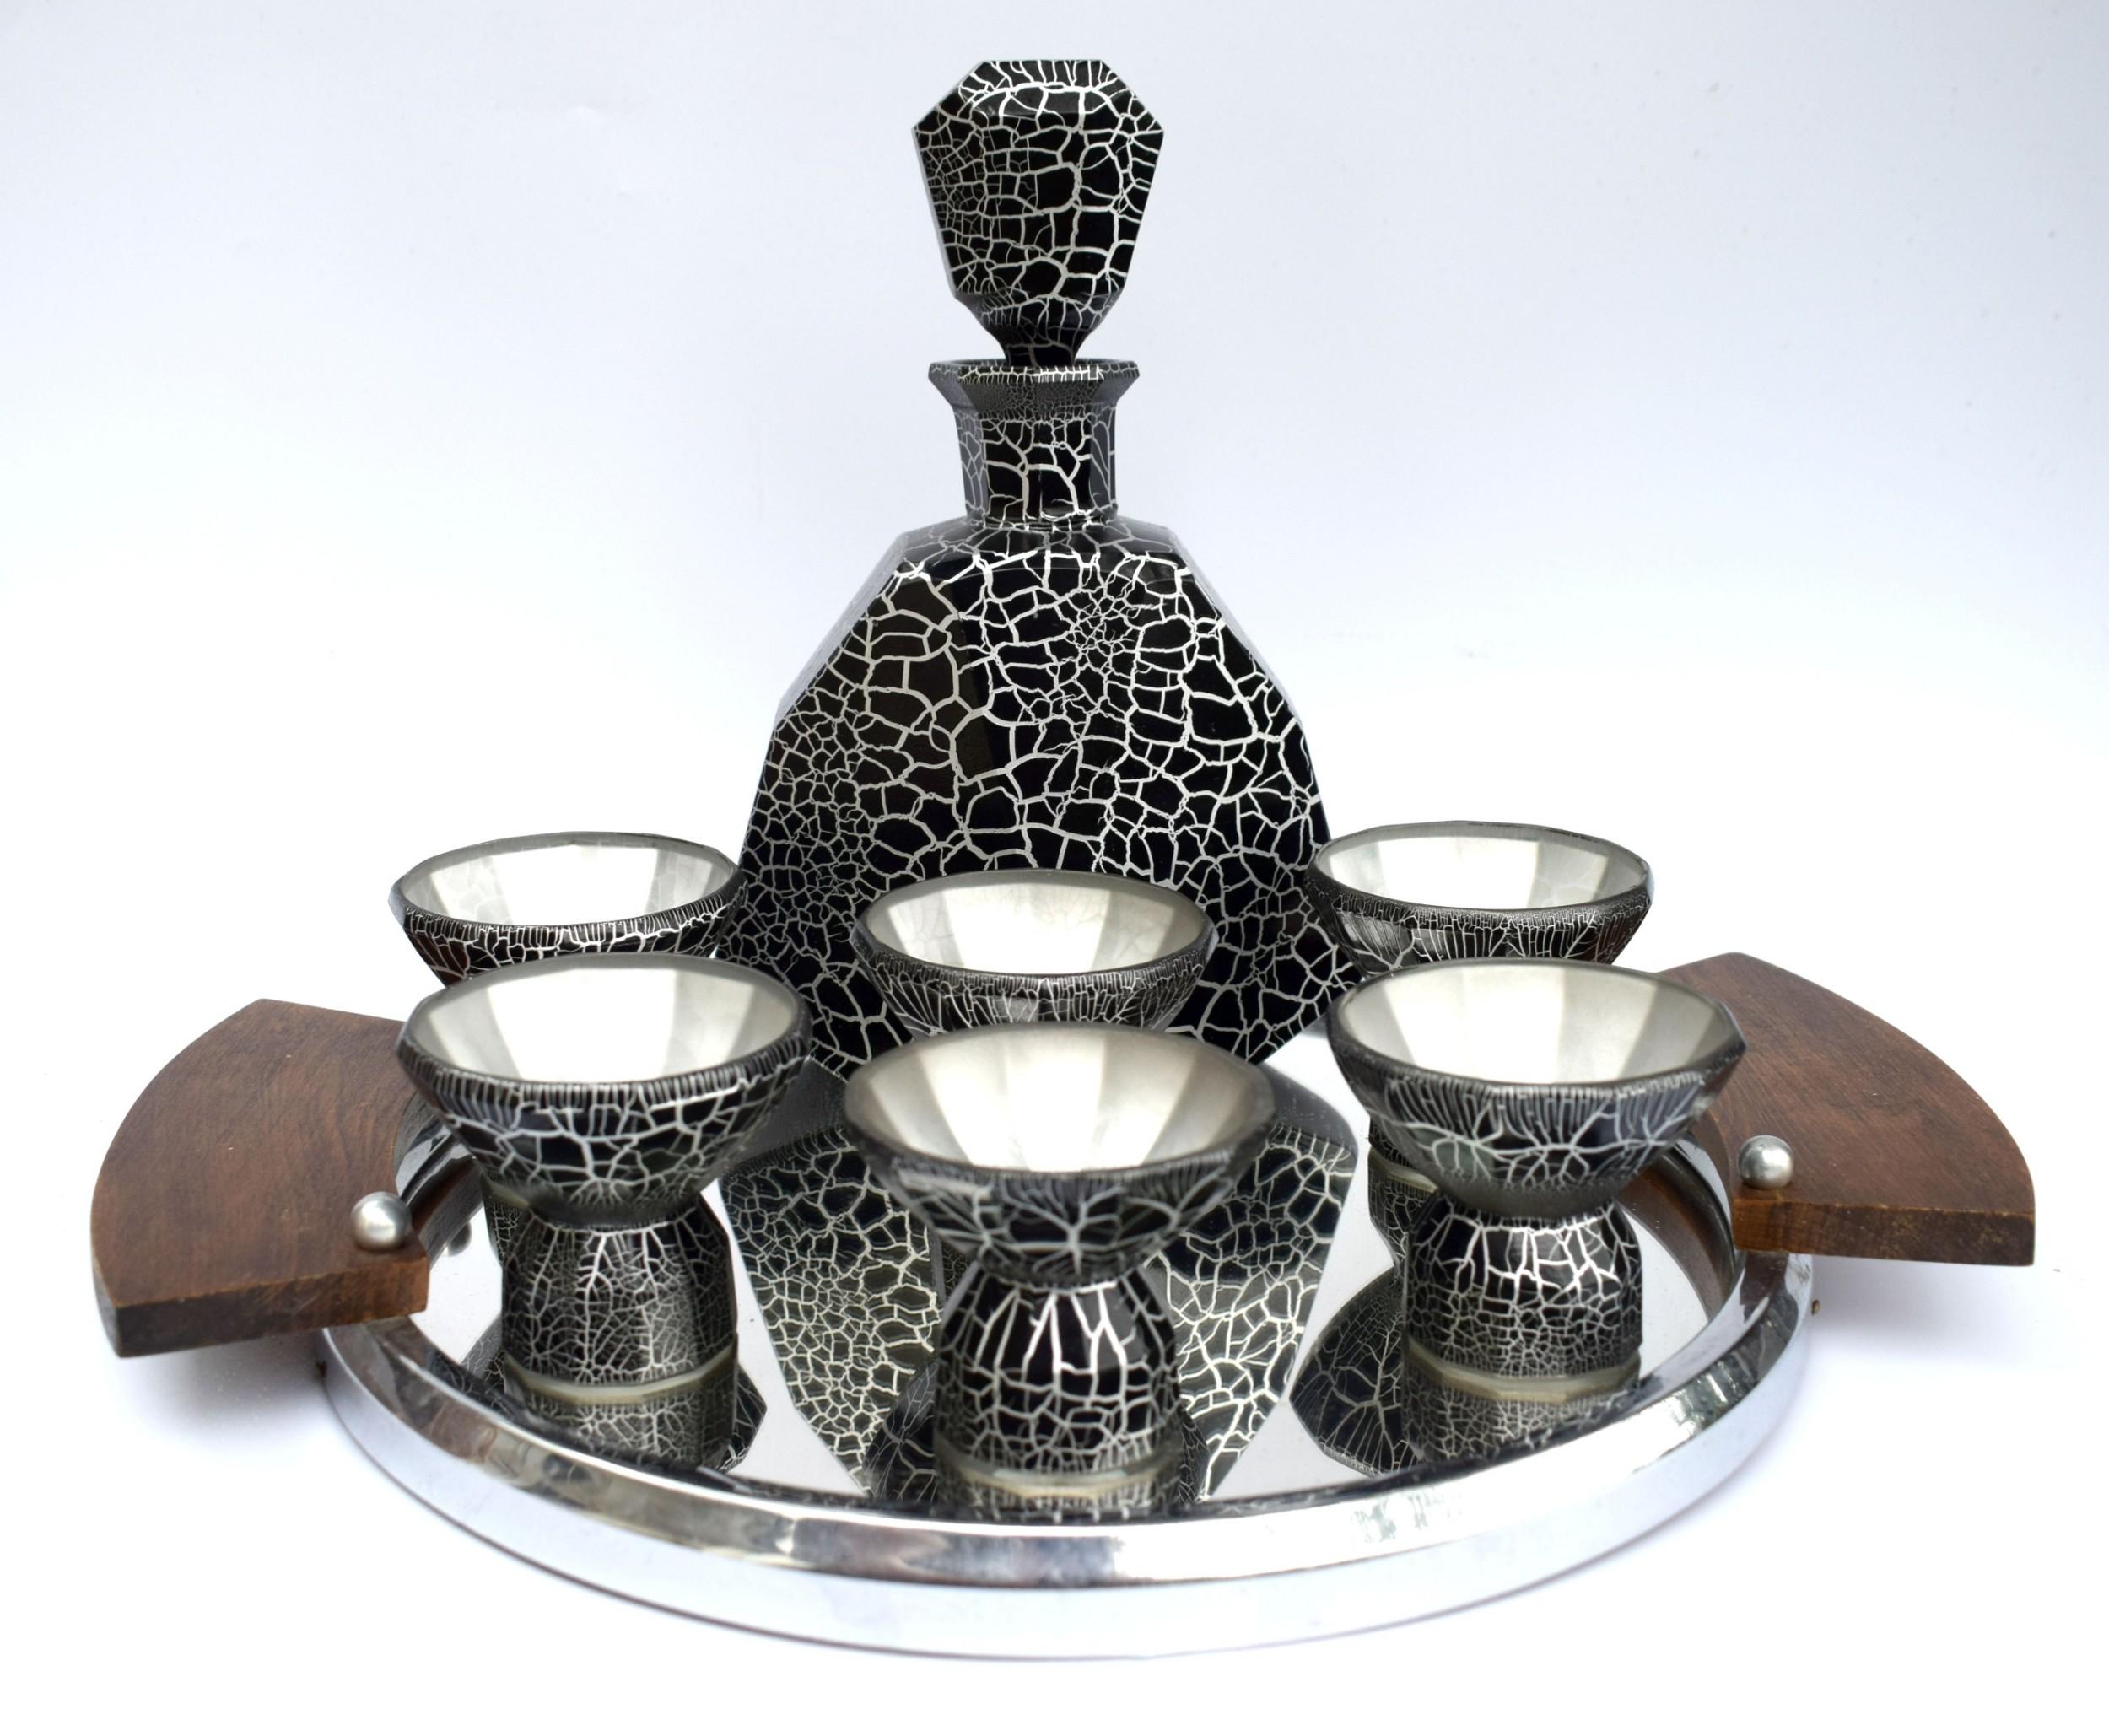 art deco decanter set by mosey czech c1930